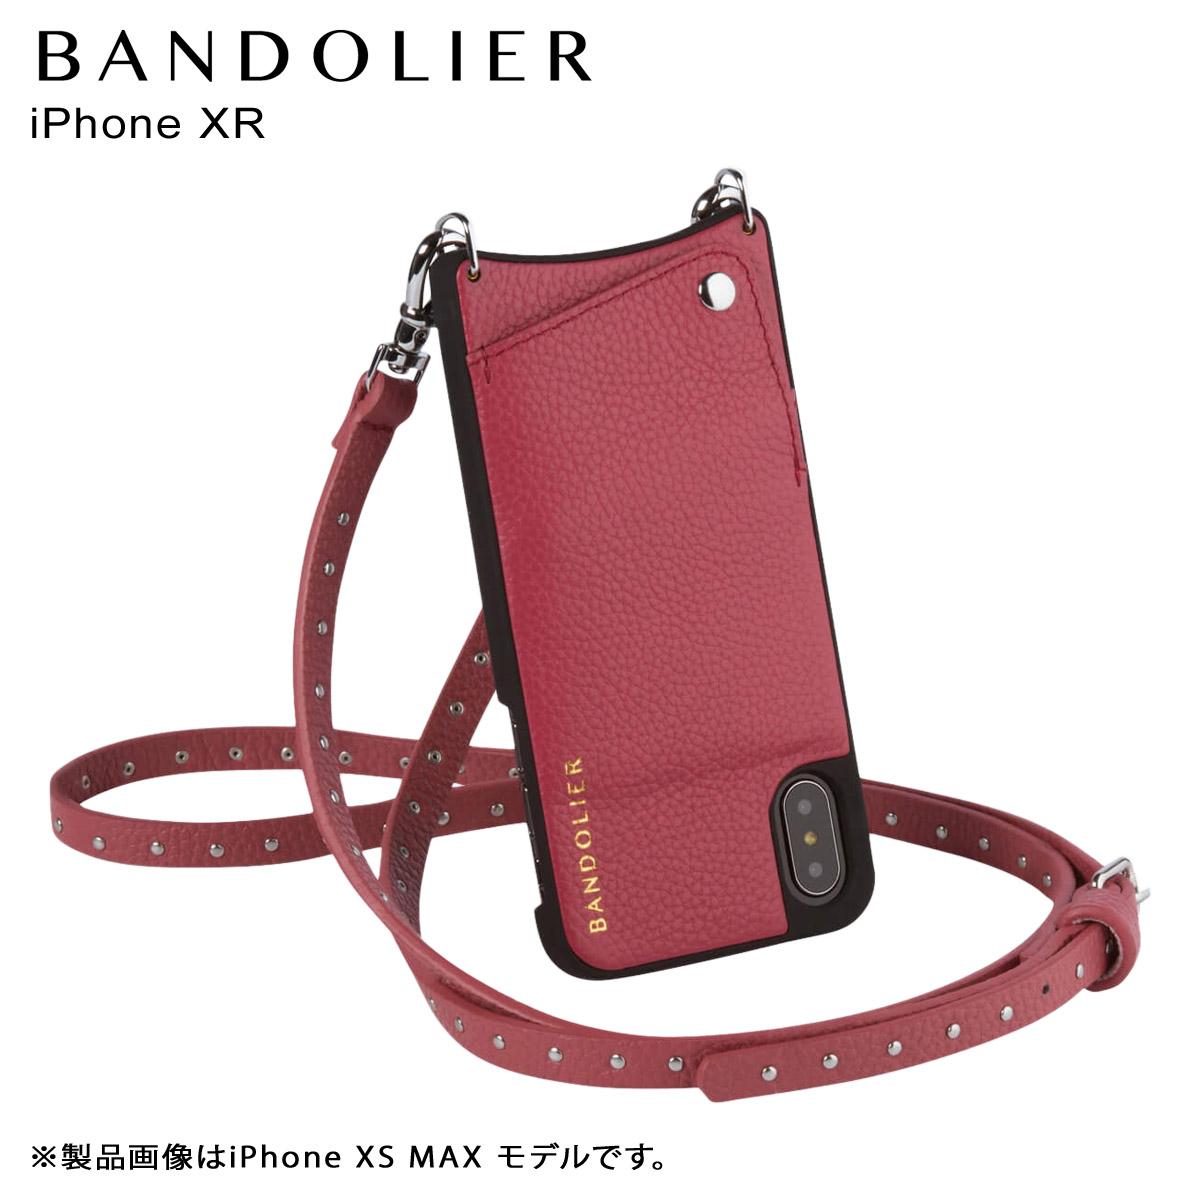 バンドリヤー BANDOLIER iPhone XR ケース ショルダー スマホ アイフォン レザー NICOLE MAGENTA RED メンズ レディース マゼンタ レッド 10NIC1001 [3/18 再入荷]